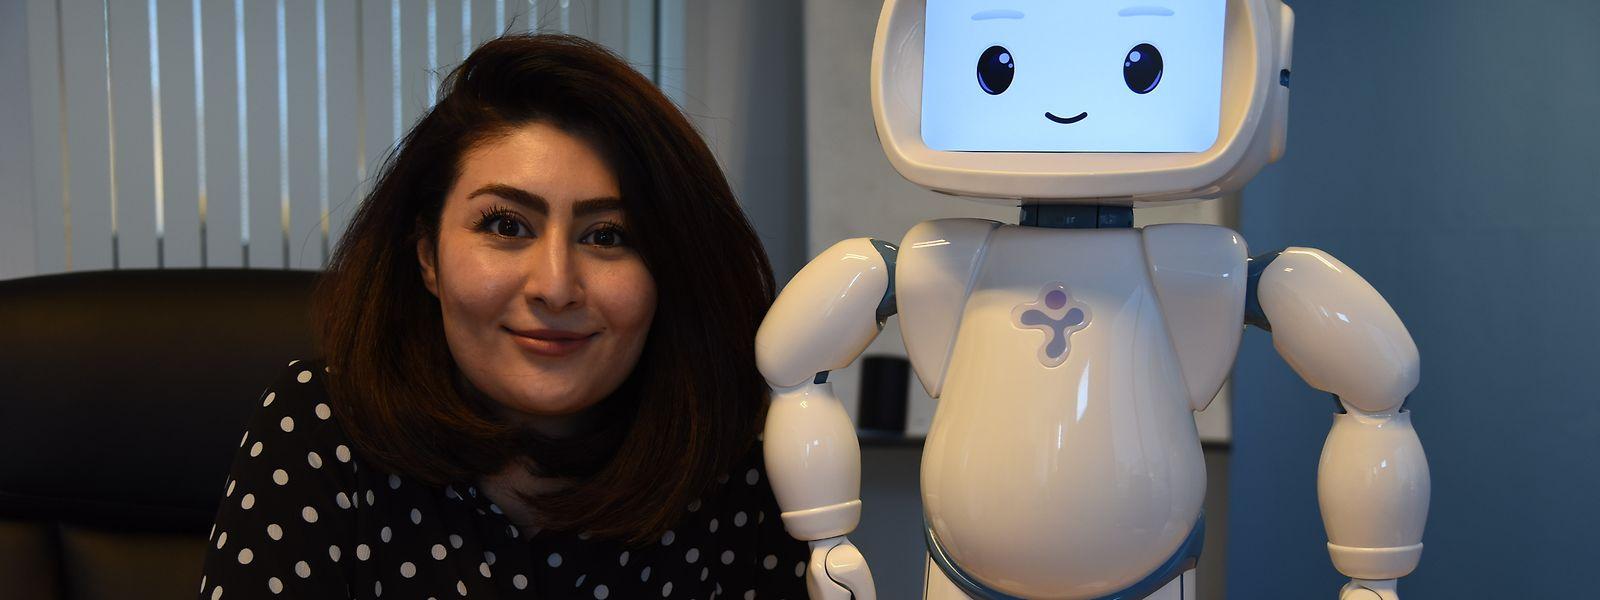 Aida Nazarikhorram führt den kleinen Roboterhelfer QT vor, der nicht nur Therapeuten, sondern auch Eltern oder Geschwister dabei unterstützen soll, mit an einer autistischen Störung leidenden Kindern zu arbeiten.